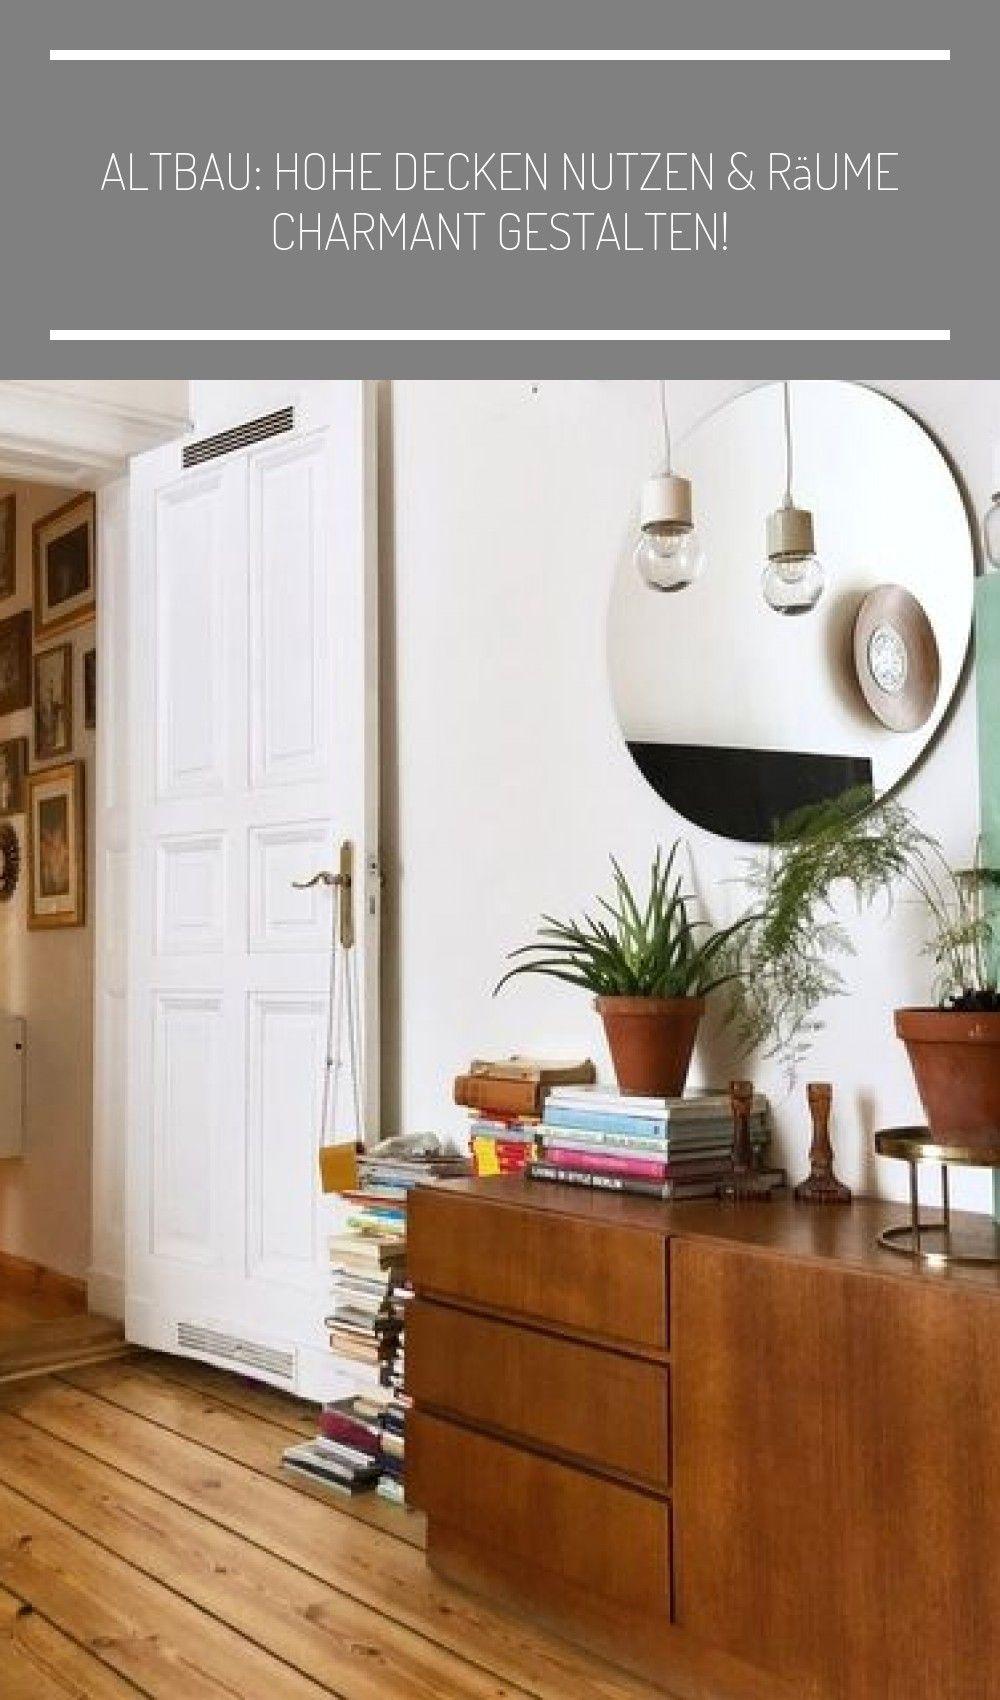 Altbau: Hohe Decken nutzen & R in 7  Home decor, Interior